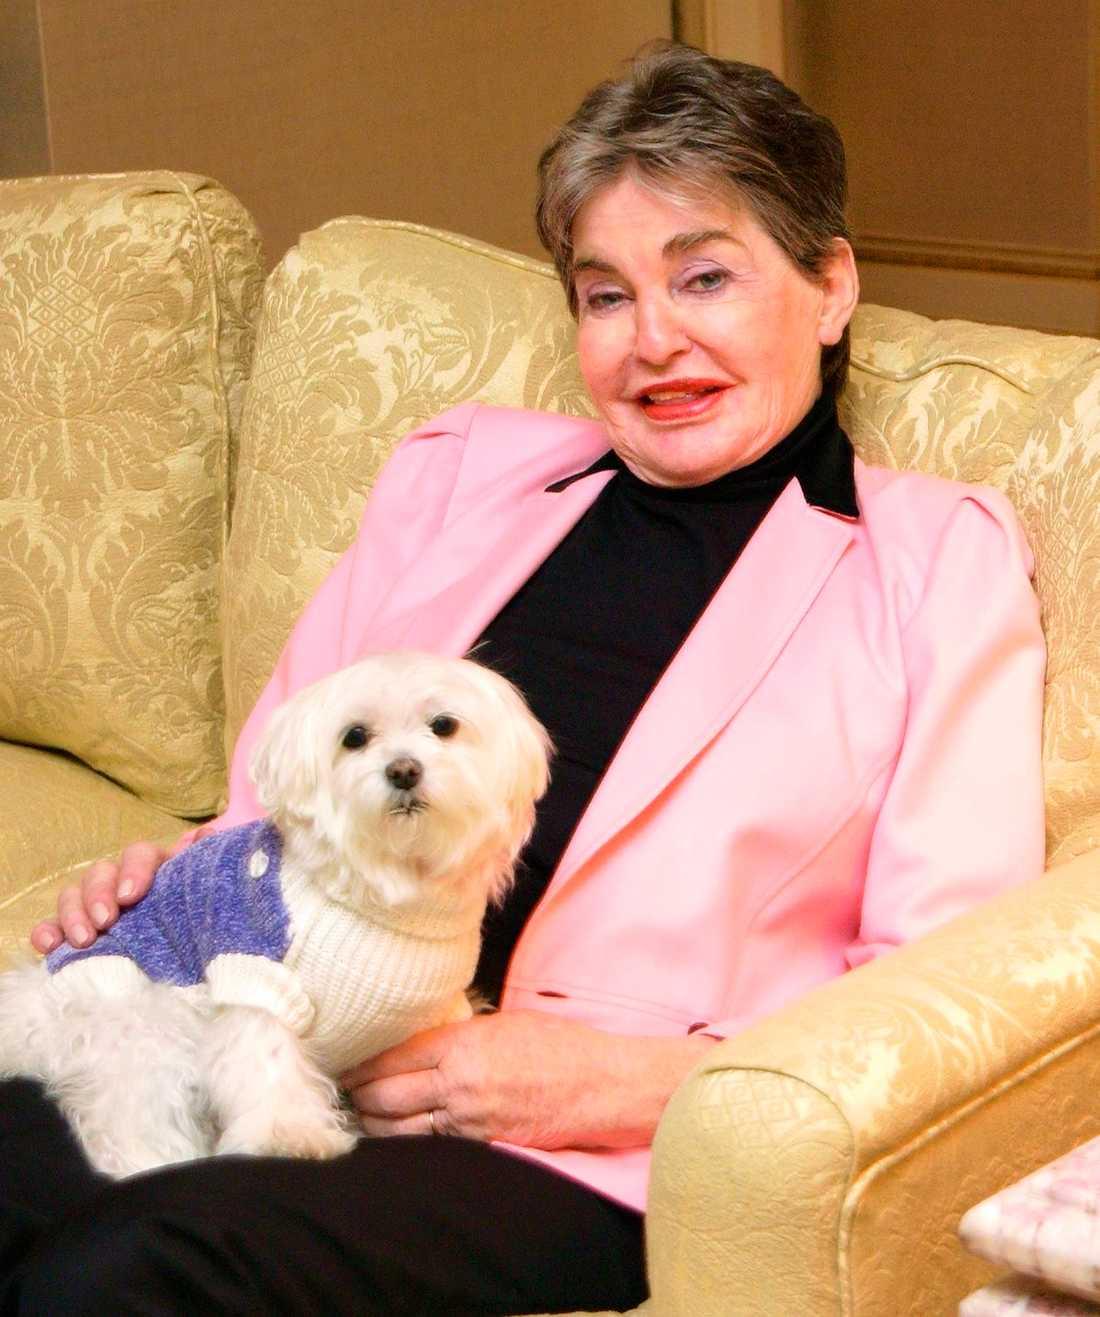 Hund värd miljoner Leona Helmsley testamenterade 81 miljoner kronor till knähunden Trouble.